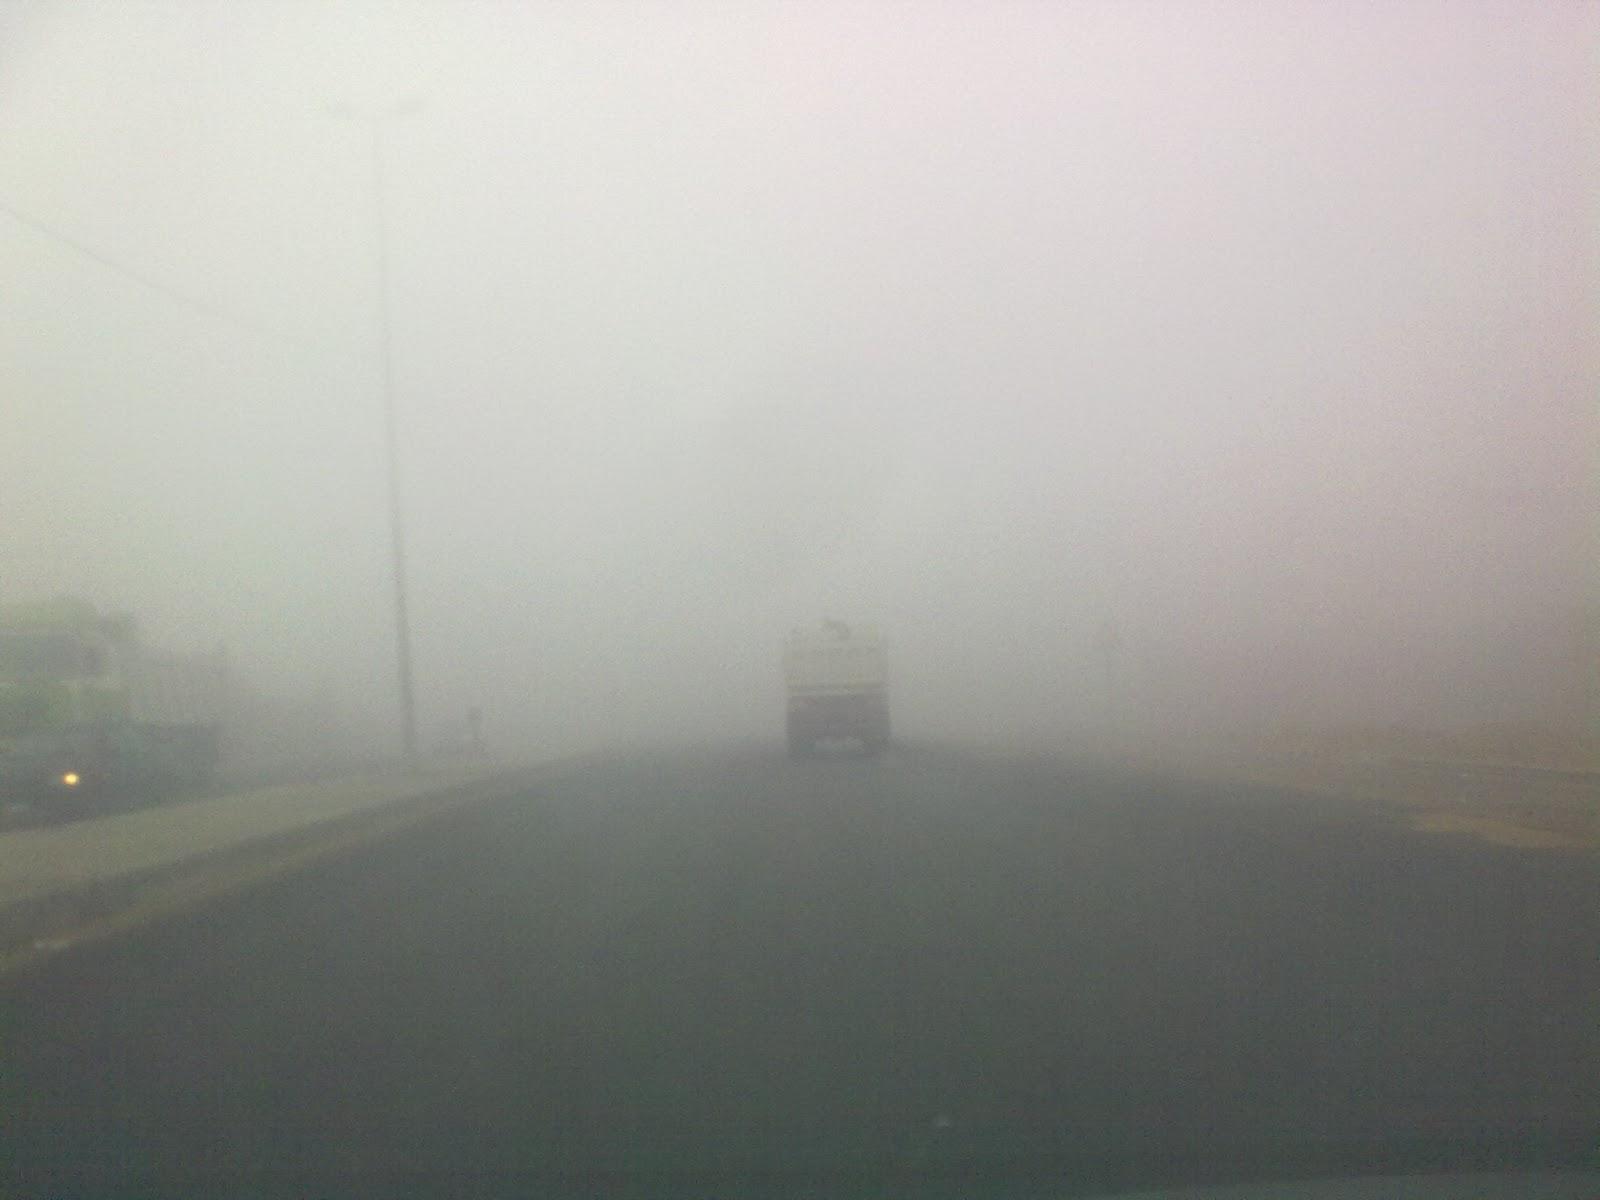 الأرصاد: أمطار وشبورة يشهدها طقس اليوم الأحد 19-1-2020 - جريدة المال